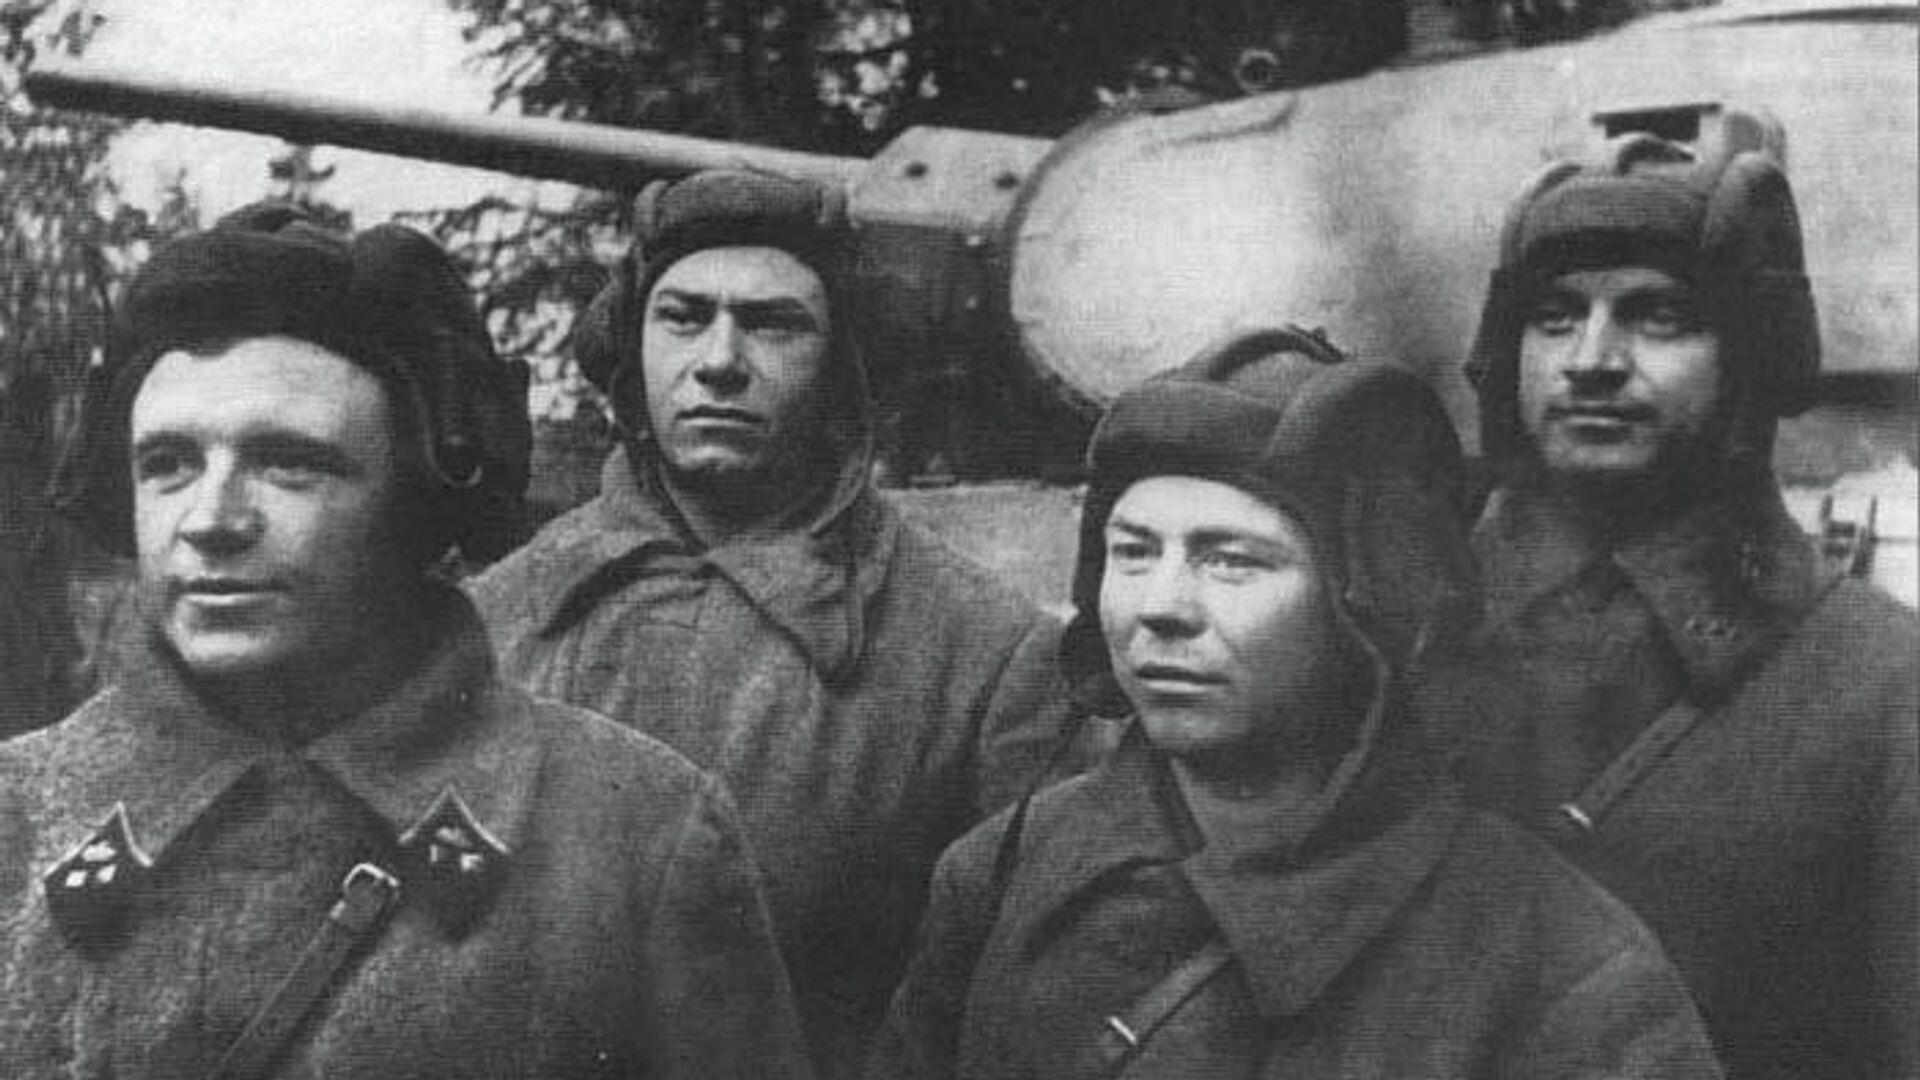 Танковый экипаж Дмитрия Лавриненко (крайний слева). Октябрь 1941 г. - РИА Новости, 1920, 14.10.2019